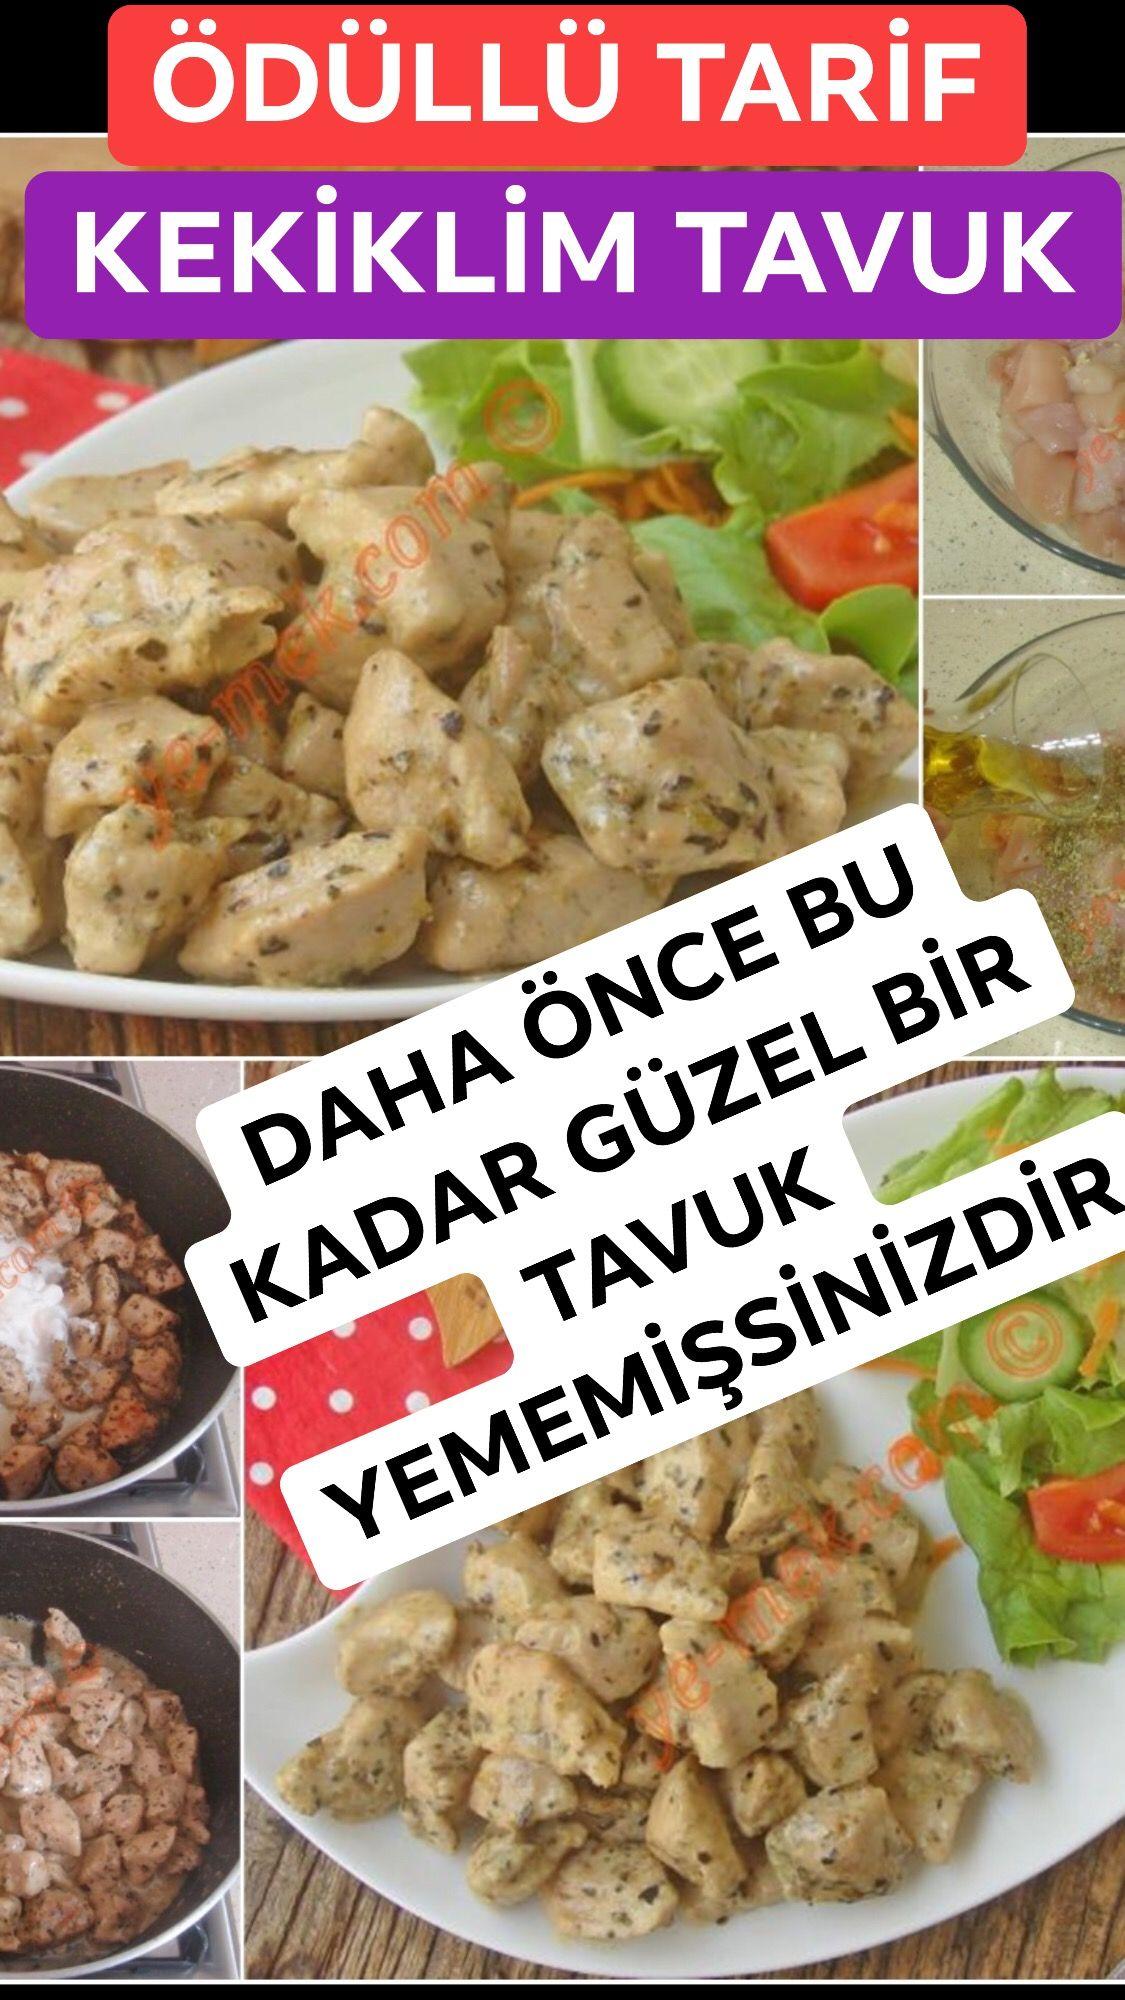 Kekiklim Tavuk Tarifi Nasıl Yapılır Tavuk Dünyasının Ödüllü Tarifi Daha önce bu kadar güzel bir tavuk yemeği yememişseniz de tavuk düny...